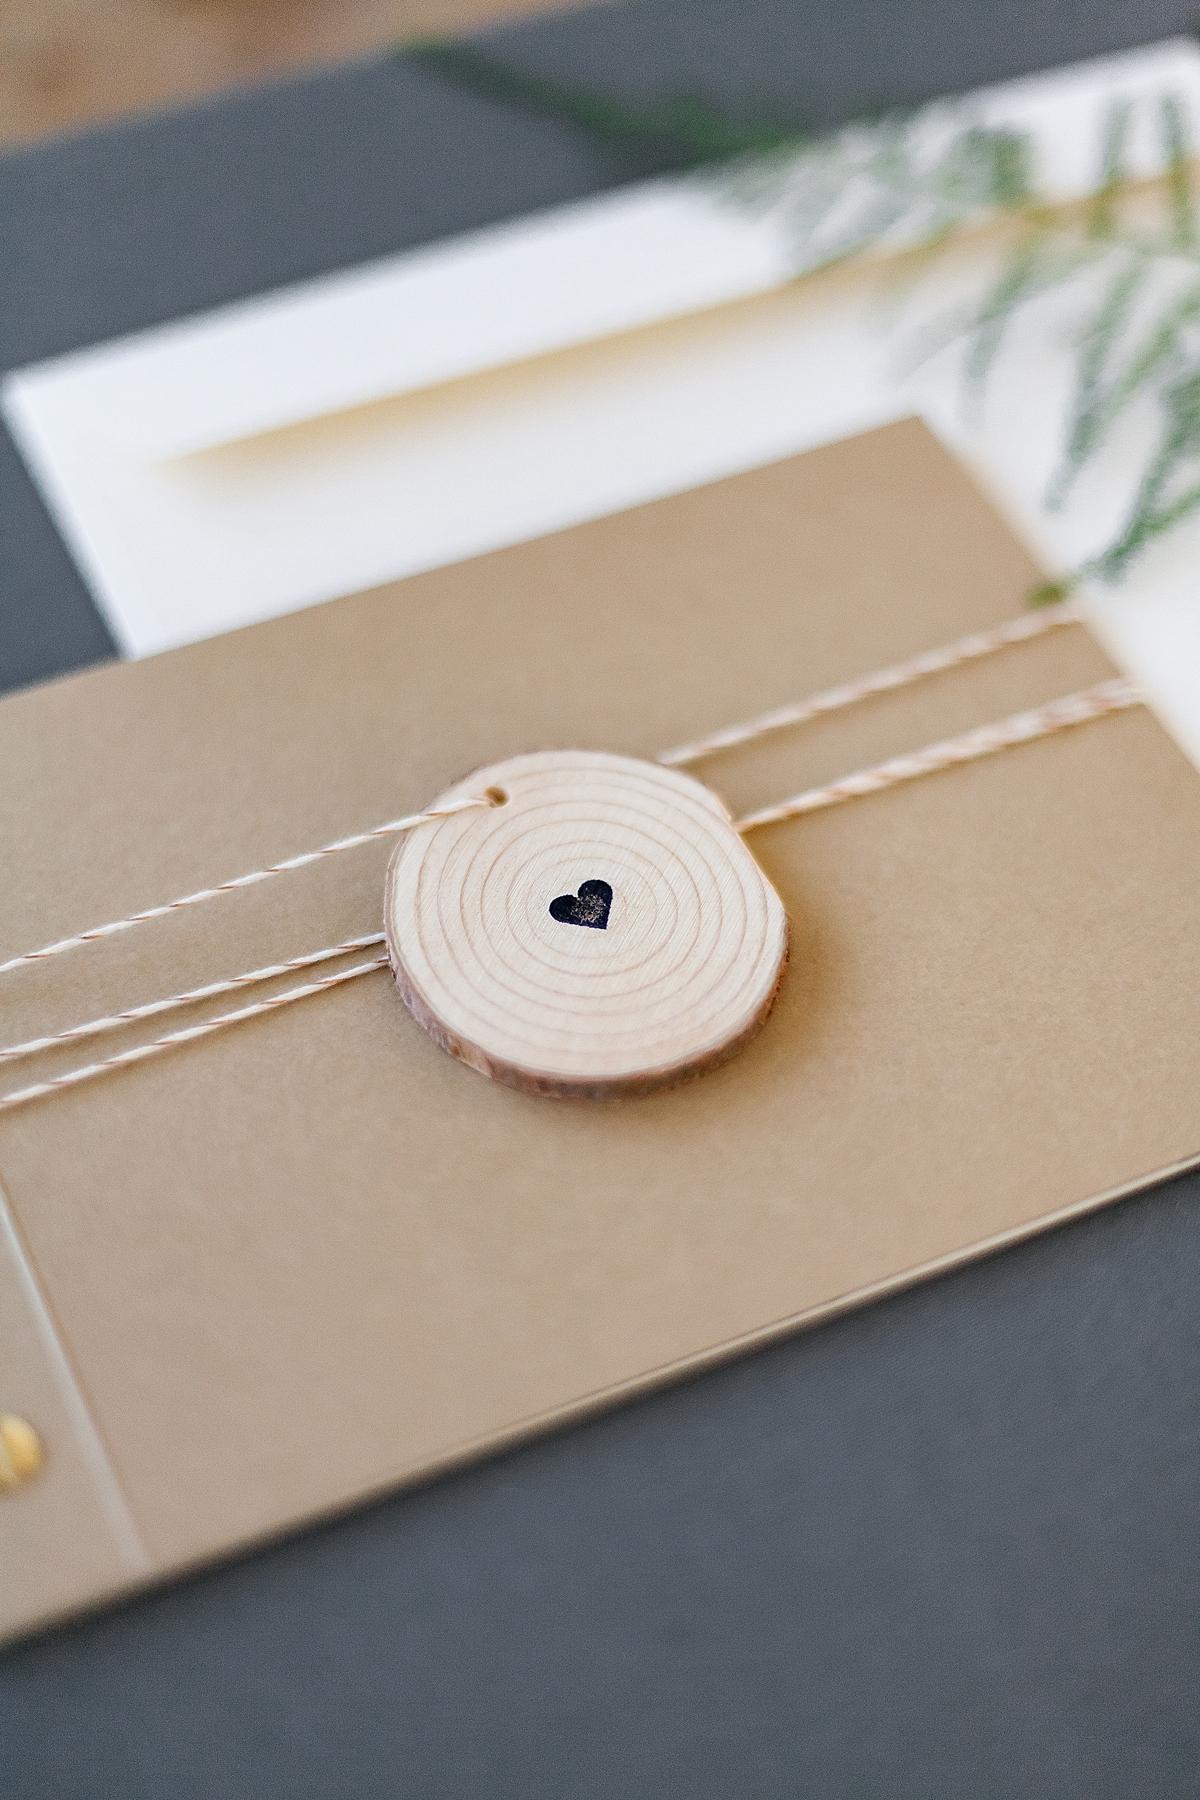 Schöner Holzanhänger mit Herzstempel und Kordel